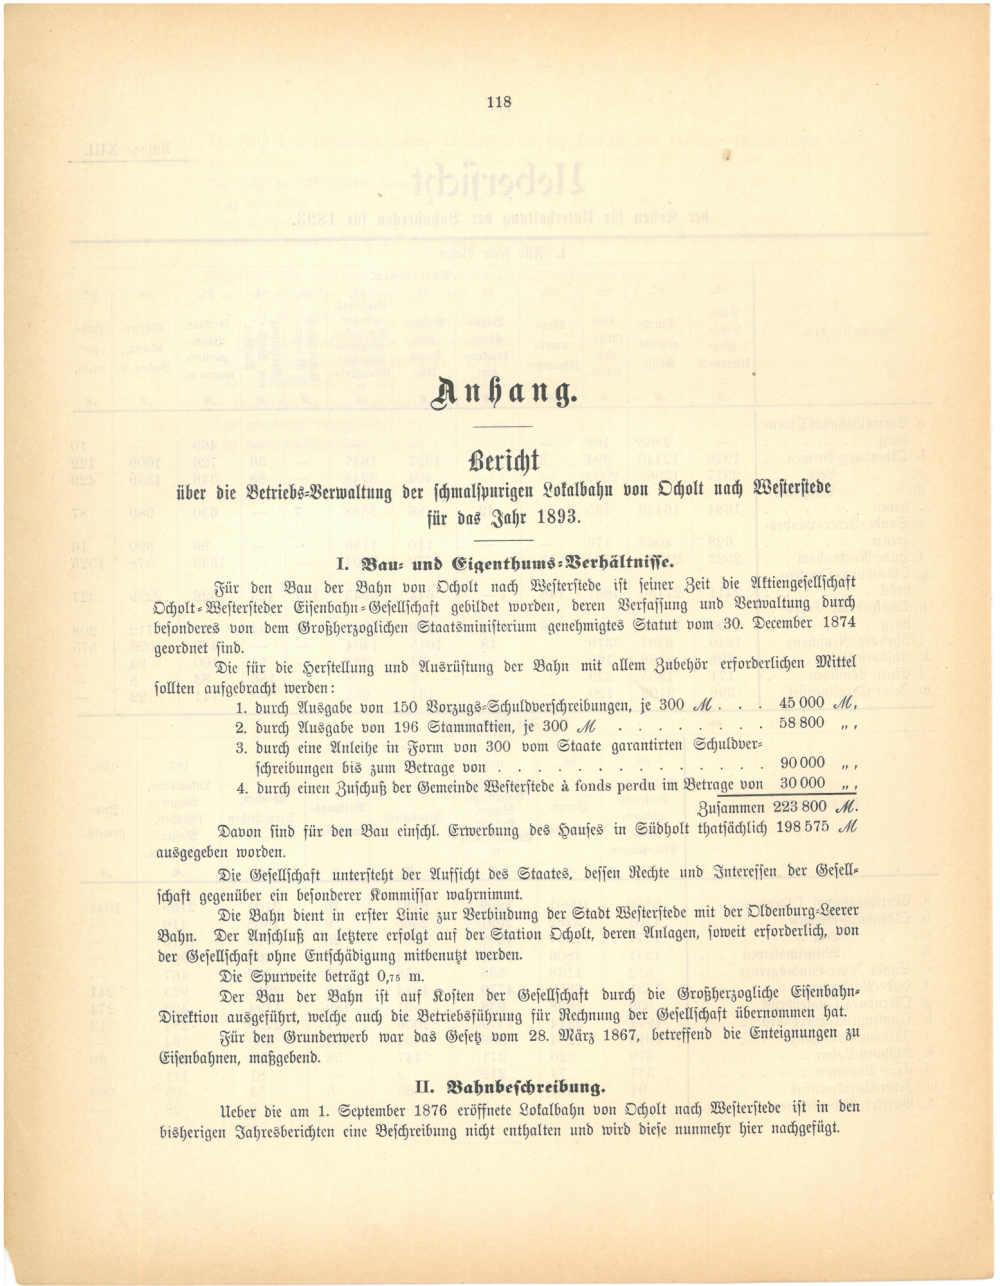 1893 - Jahresbericht, Bericht über die schmalspurige Lokalbahn von Ocholt nach Westerstede